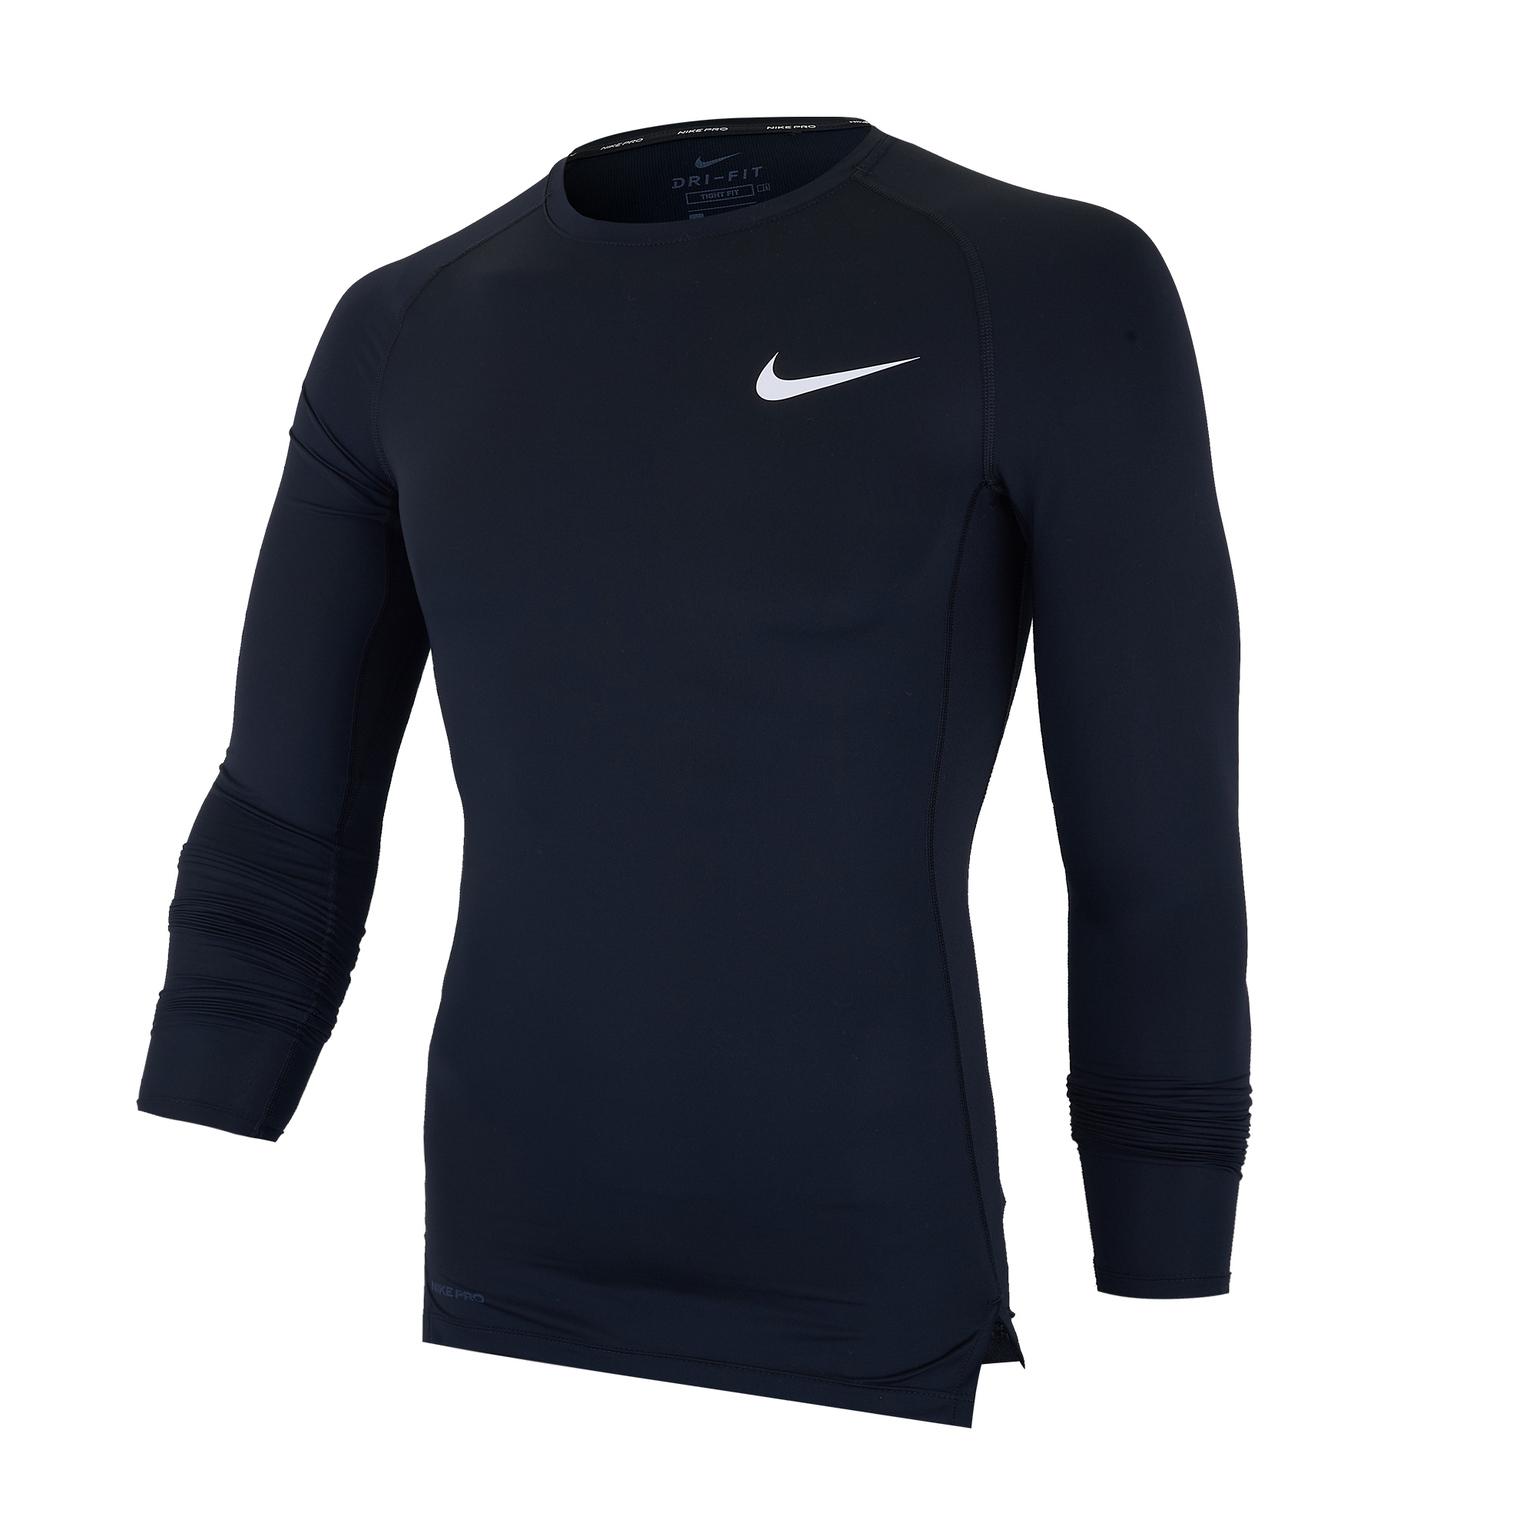 Белье футболка Nike Top Tight BV5588-010